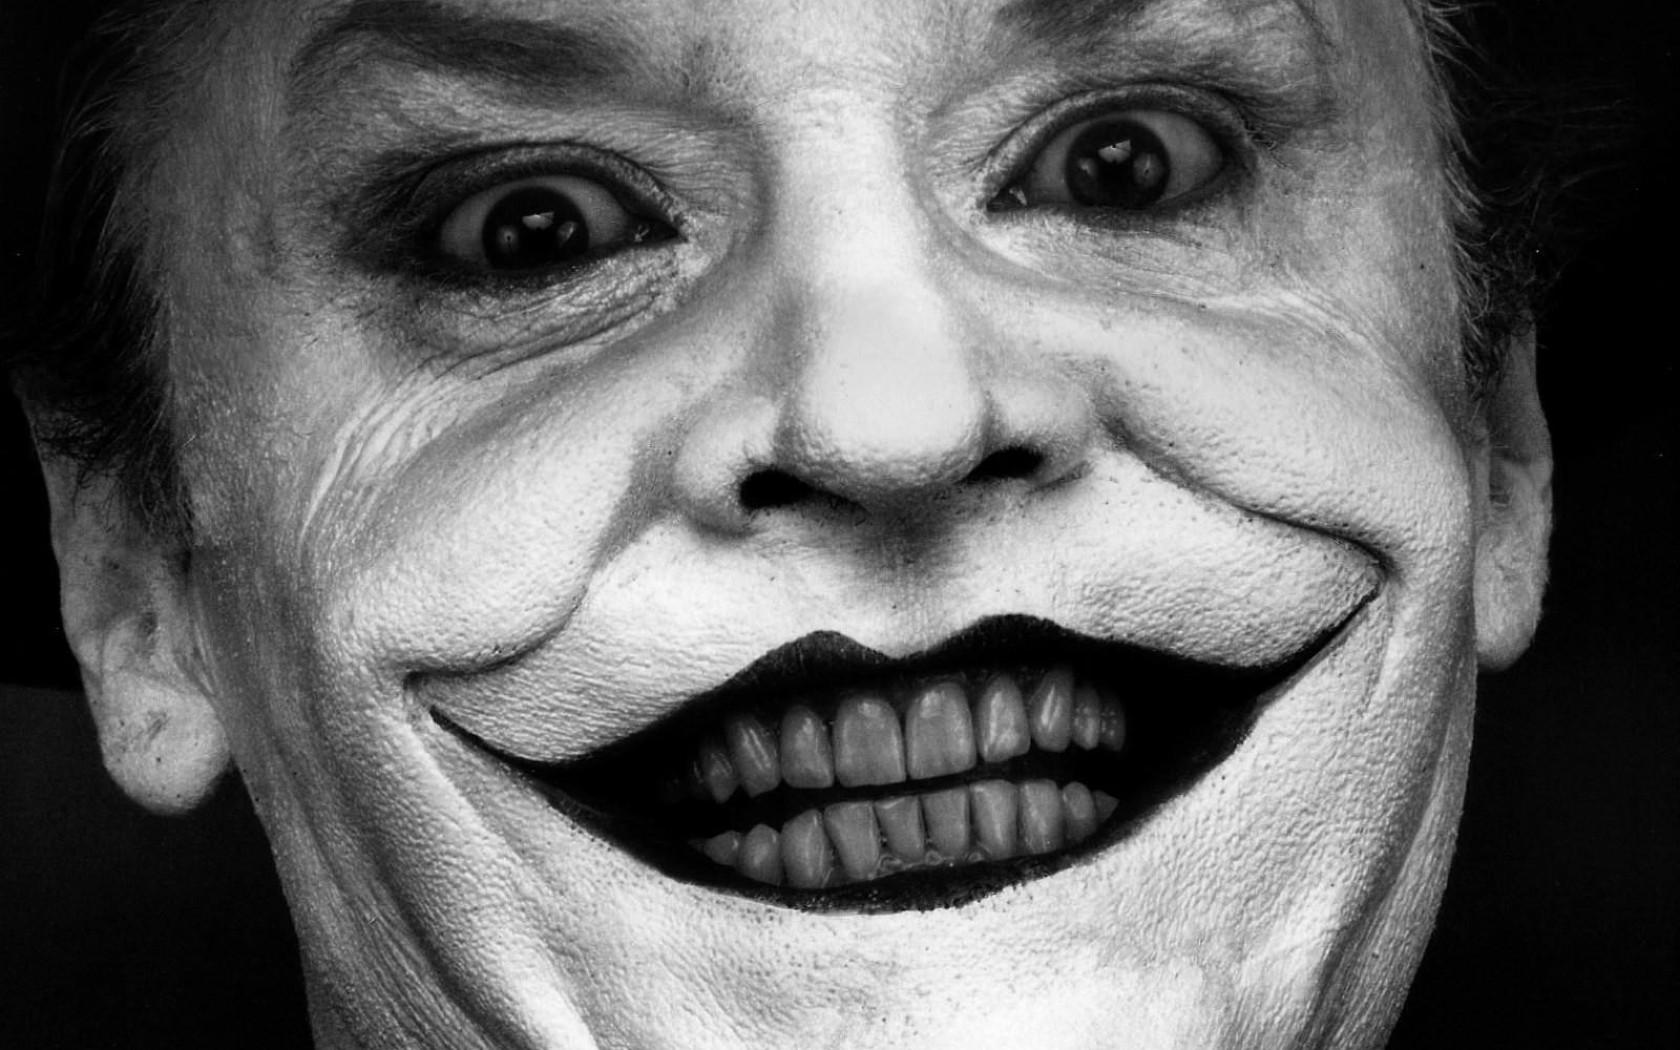 джокер улыбка